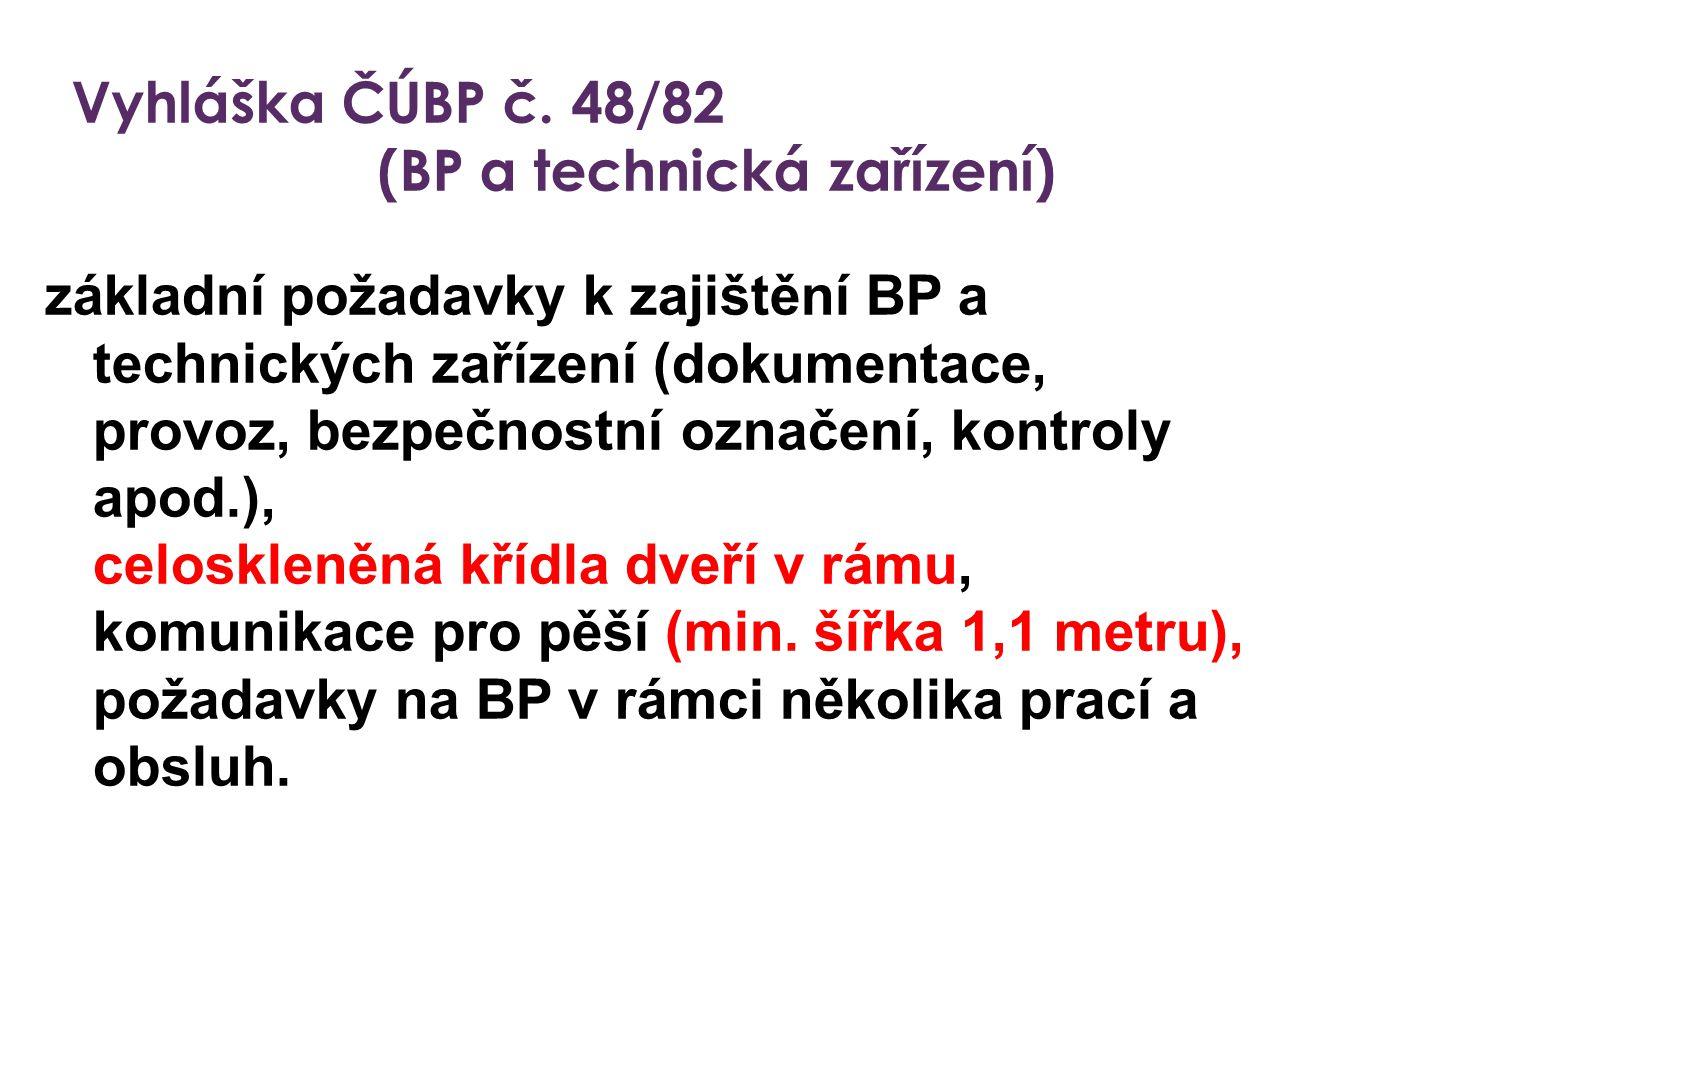 Vyhláška ČÚBP č. 48/82 (BP a technická zařízení) základní požadavky k zajištění BP a technických zařízení (dokumentace, provoz, bezpečnostní označení,